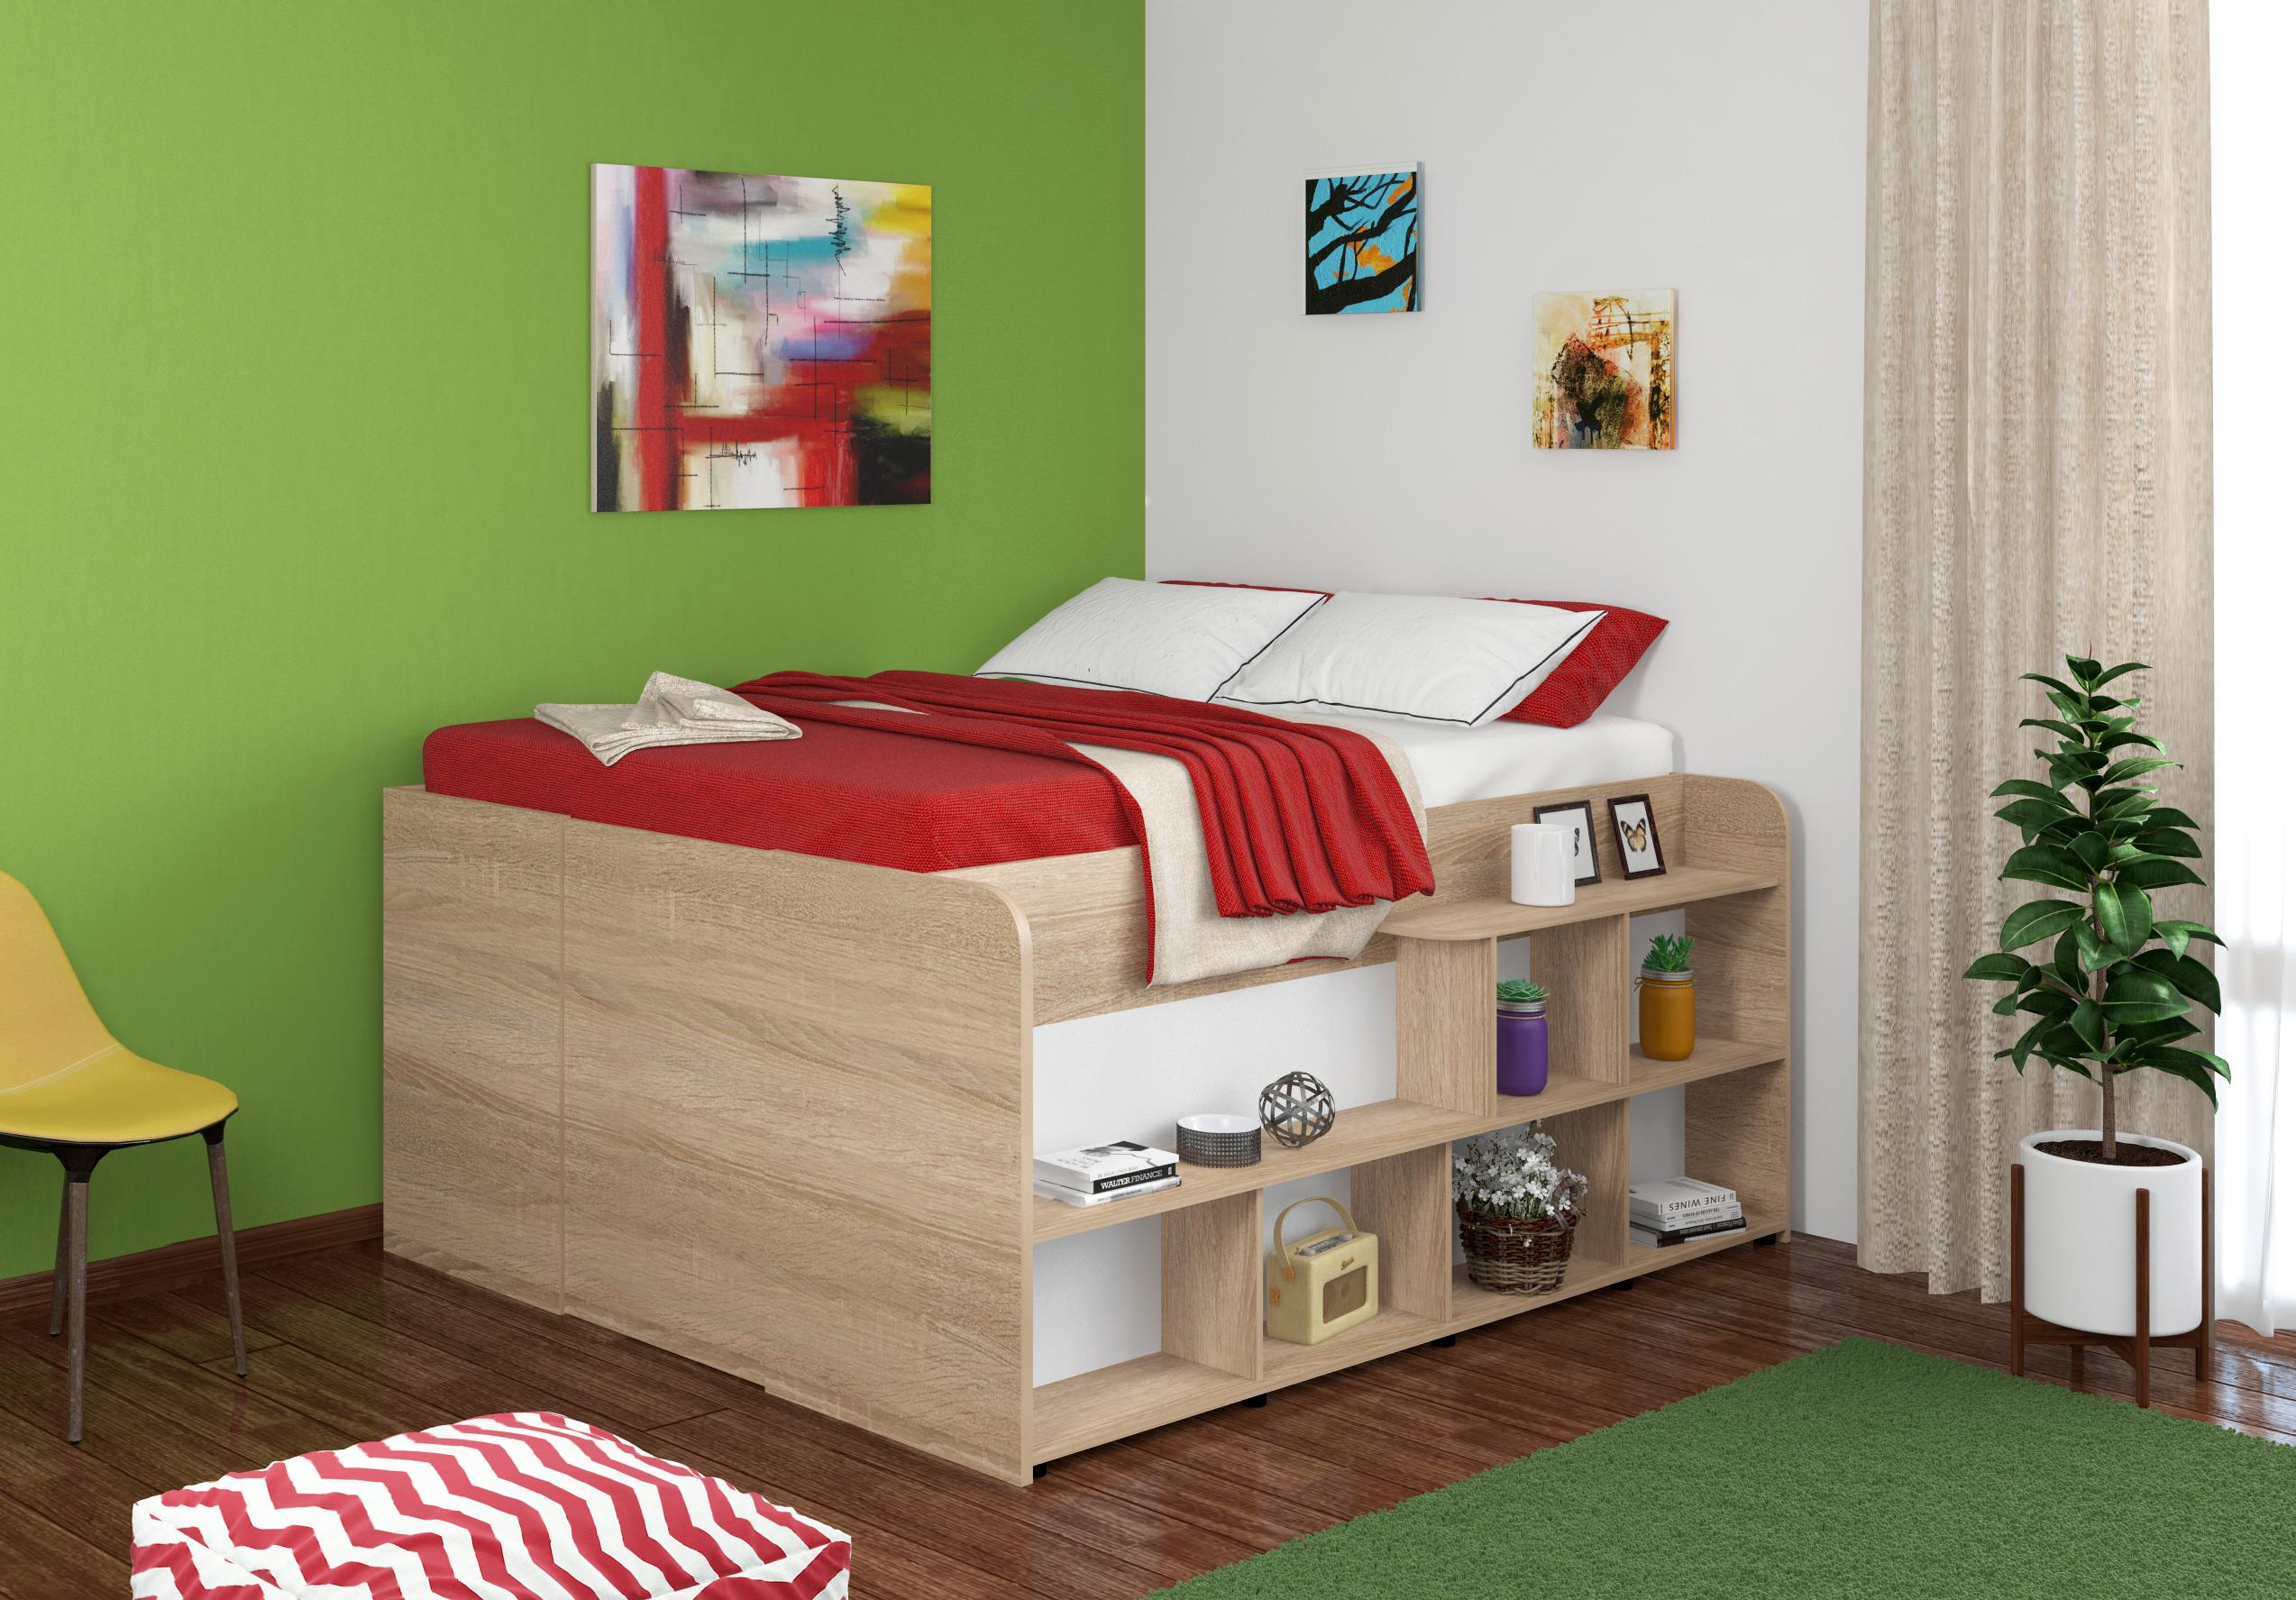 Кровать Twist UP/PКровати одноярусные<br><br><br>Длина мм: 1640<br>Высота мм: 885<br>Глубина мм: 1940